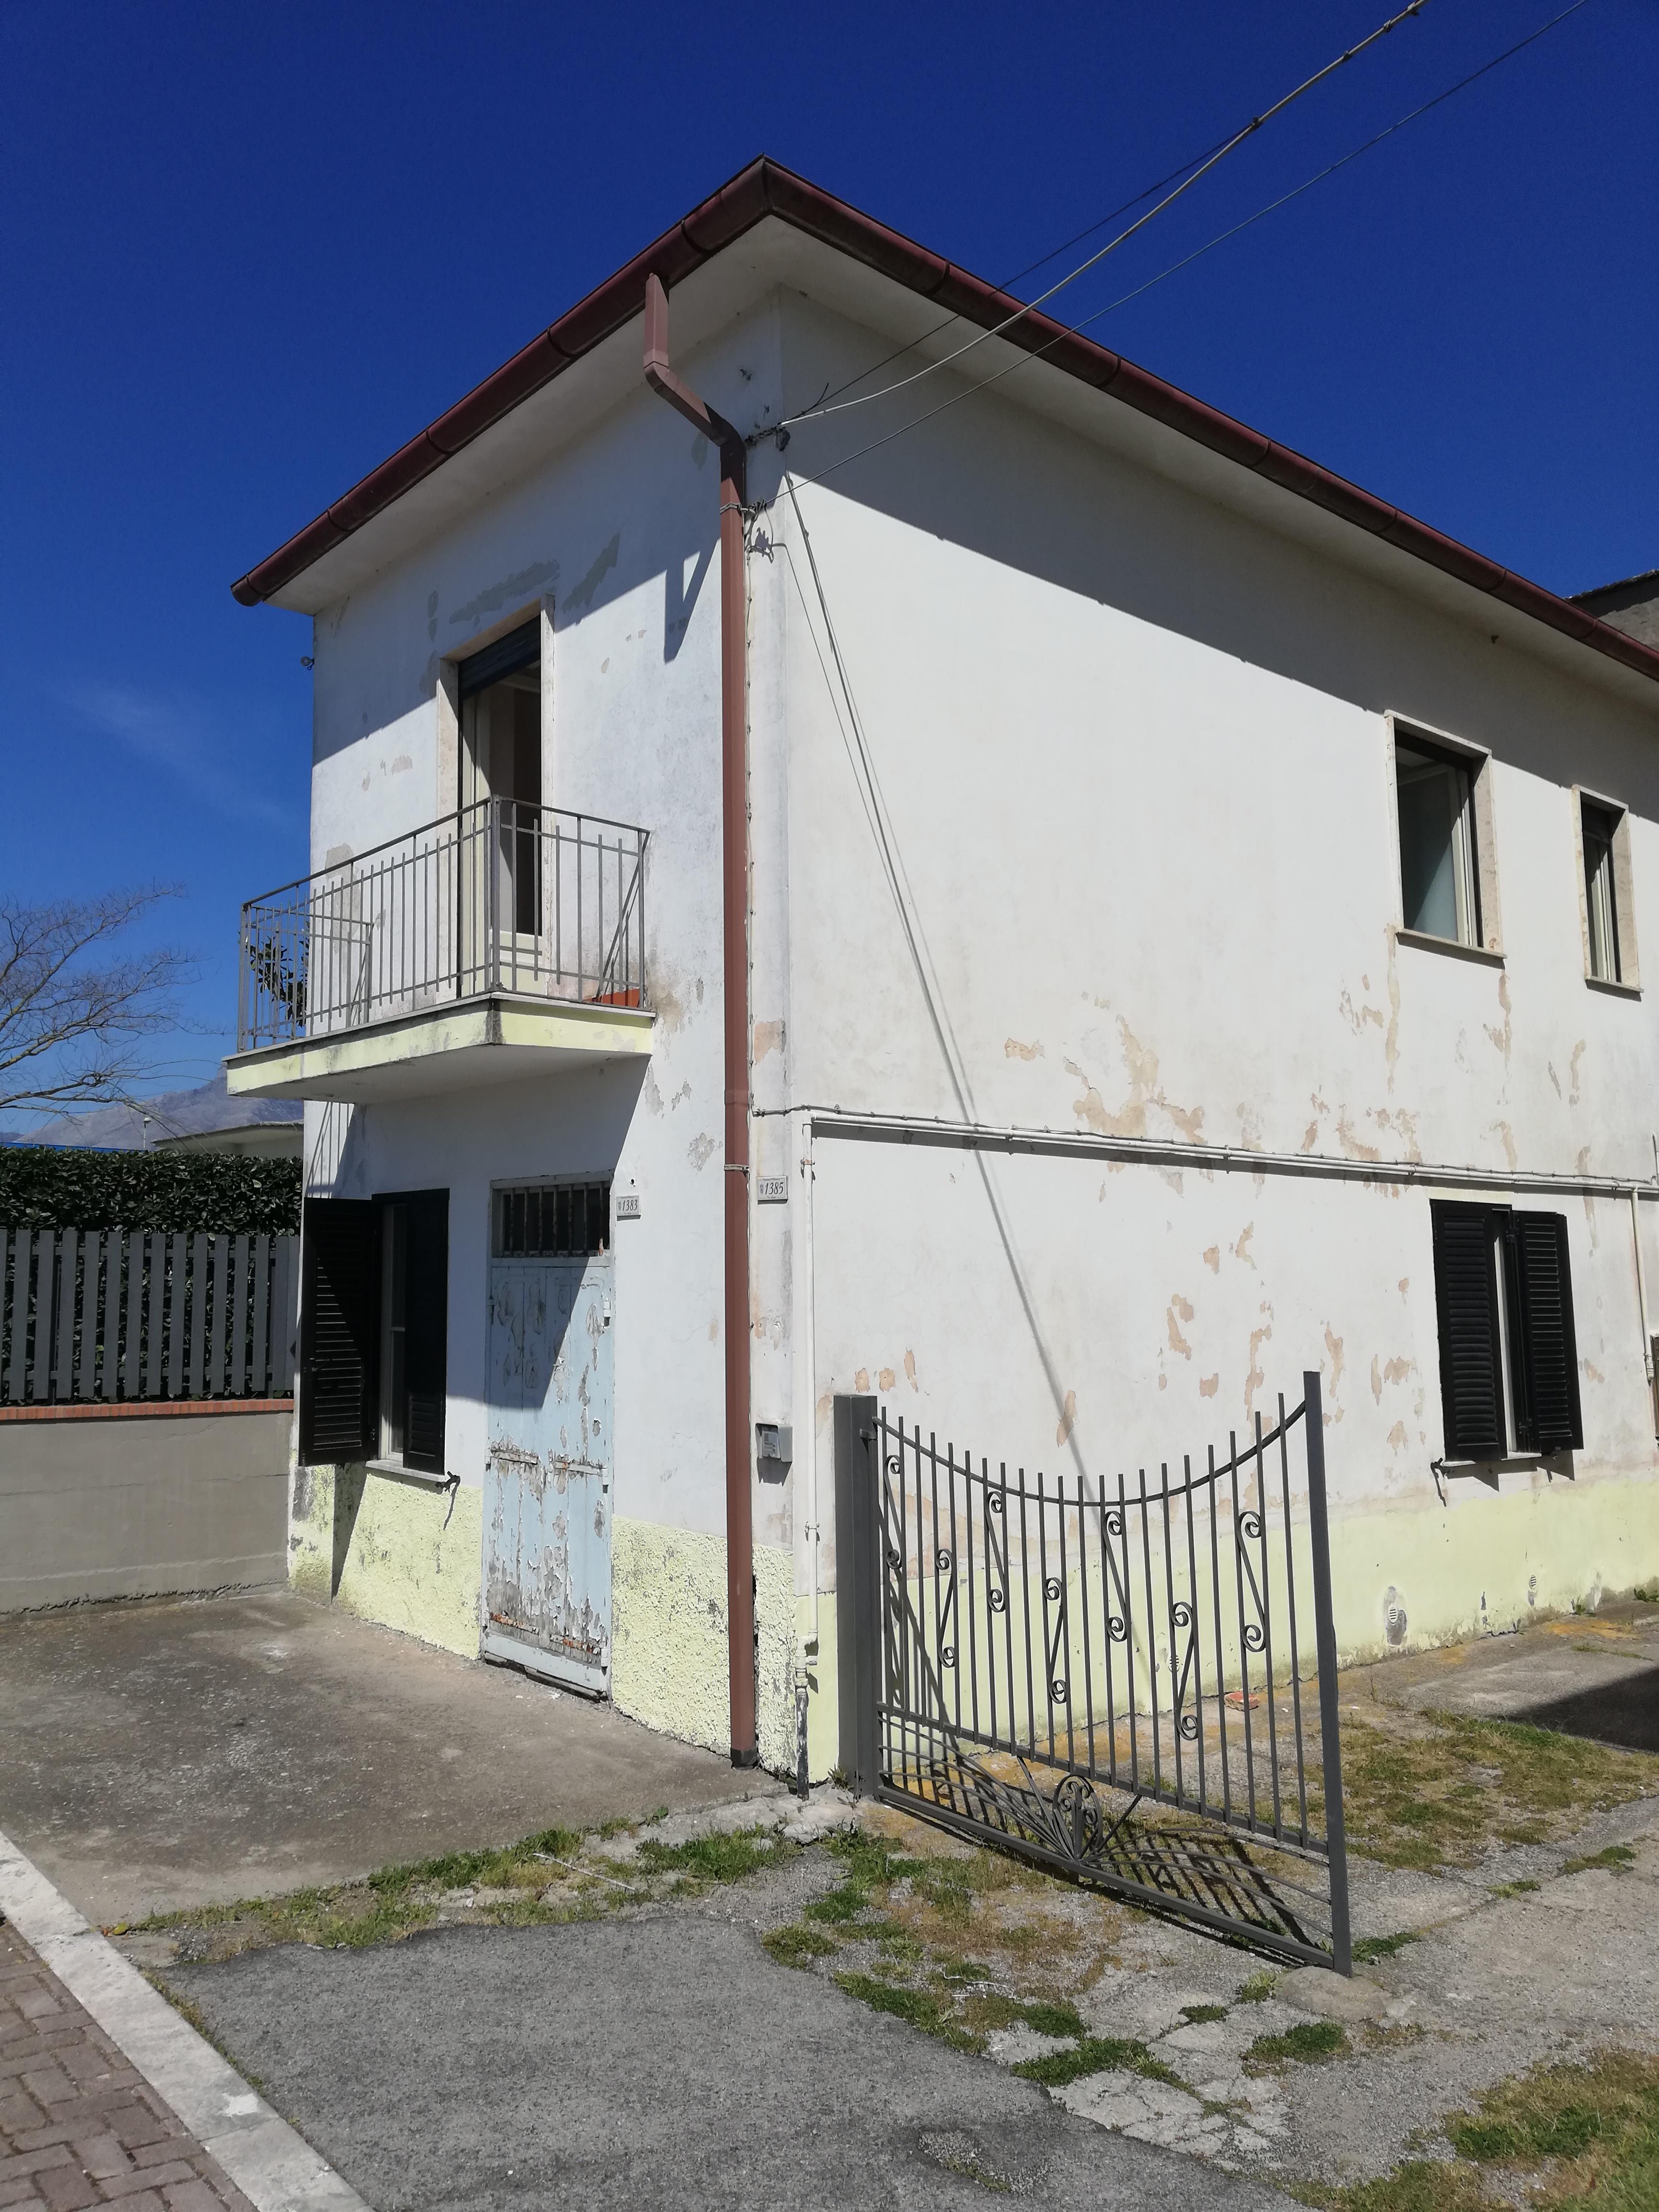 Palazzina di 2 unità immobiliari M. Minturno